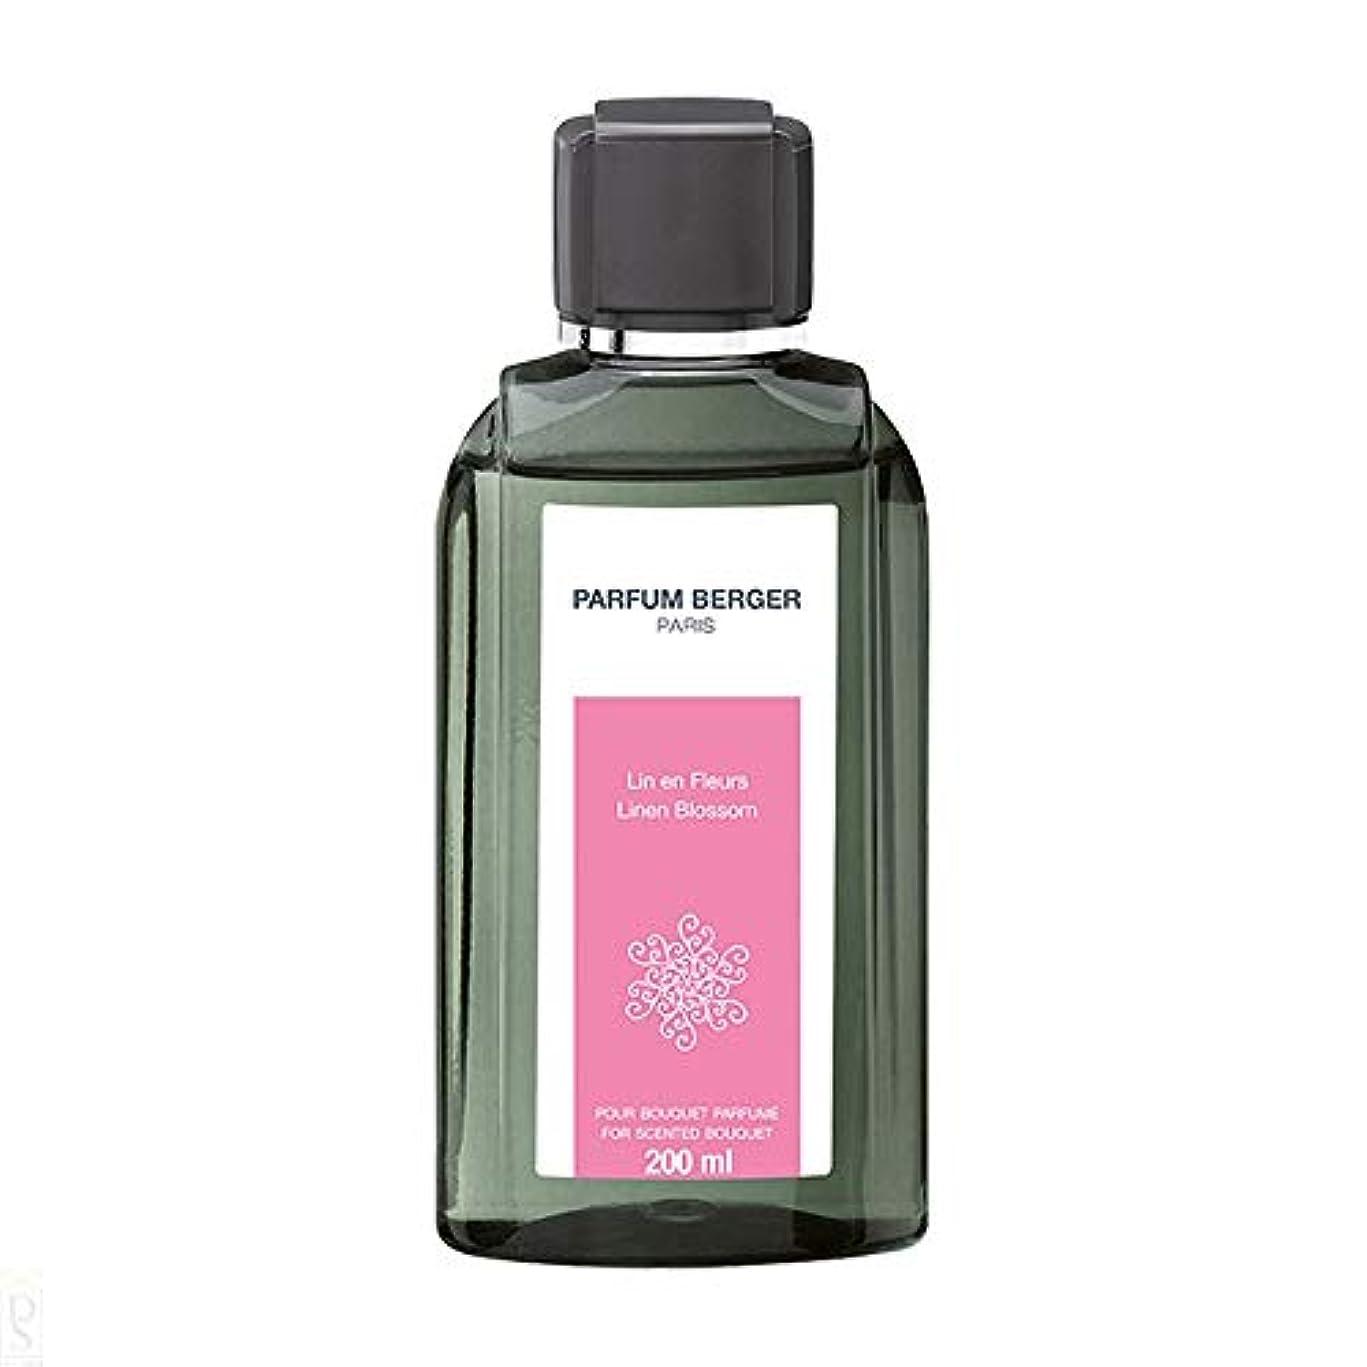 タバコ手紙を書くぶどうランプベルジェ Bouquet Refill - Linen Blossom 200ml並行輸入品